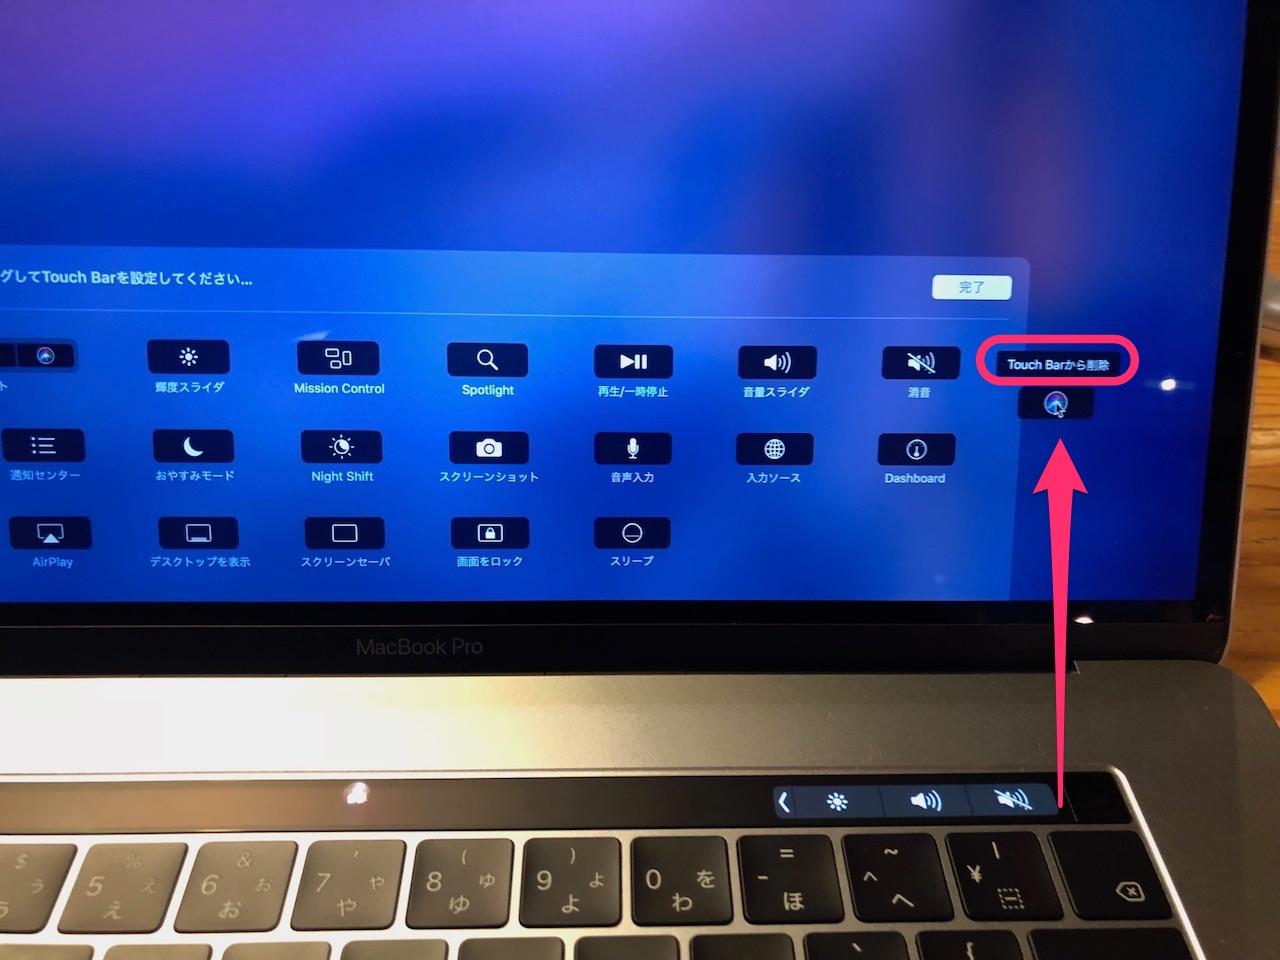 バックスペースの時にあたってしまう!MacBookProのタッチバーからSiri(シリ)を削除する方法!